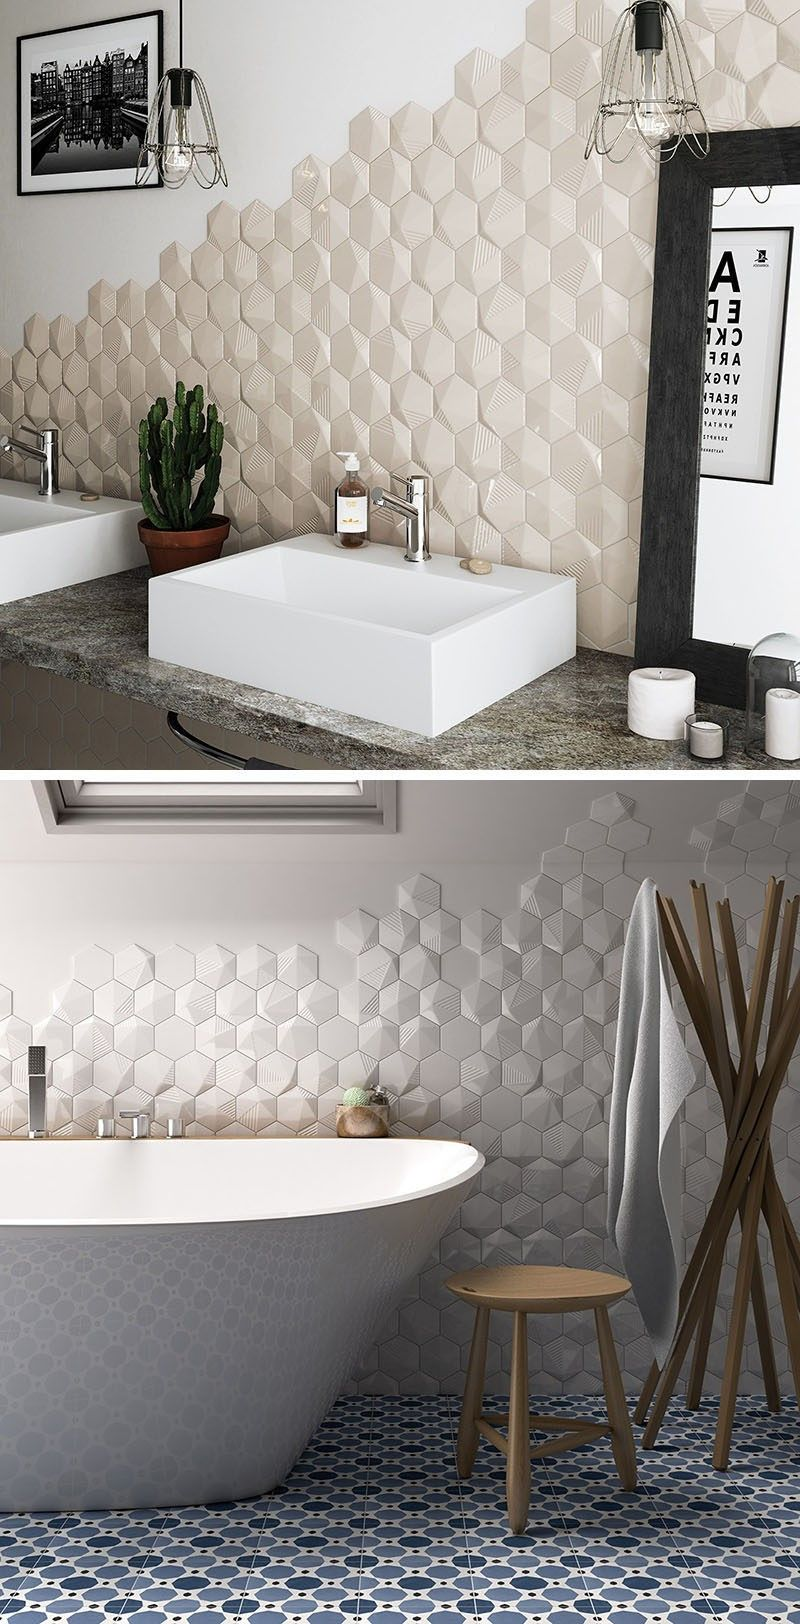 Badezimmer Fliesen Ideen Installieren 3D Fliesen Zu Hinzufügen Textur, Ihr  Bad / / Hexagonal Fliesen Mit Ein Bisschen Textur Hinzugefügt, Um Sie Auf  Auch ...